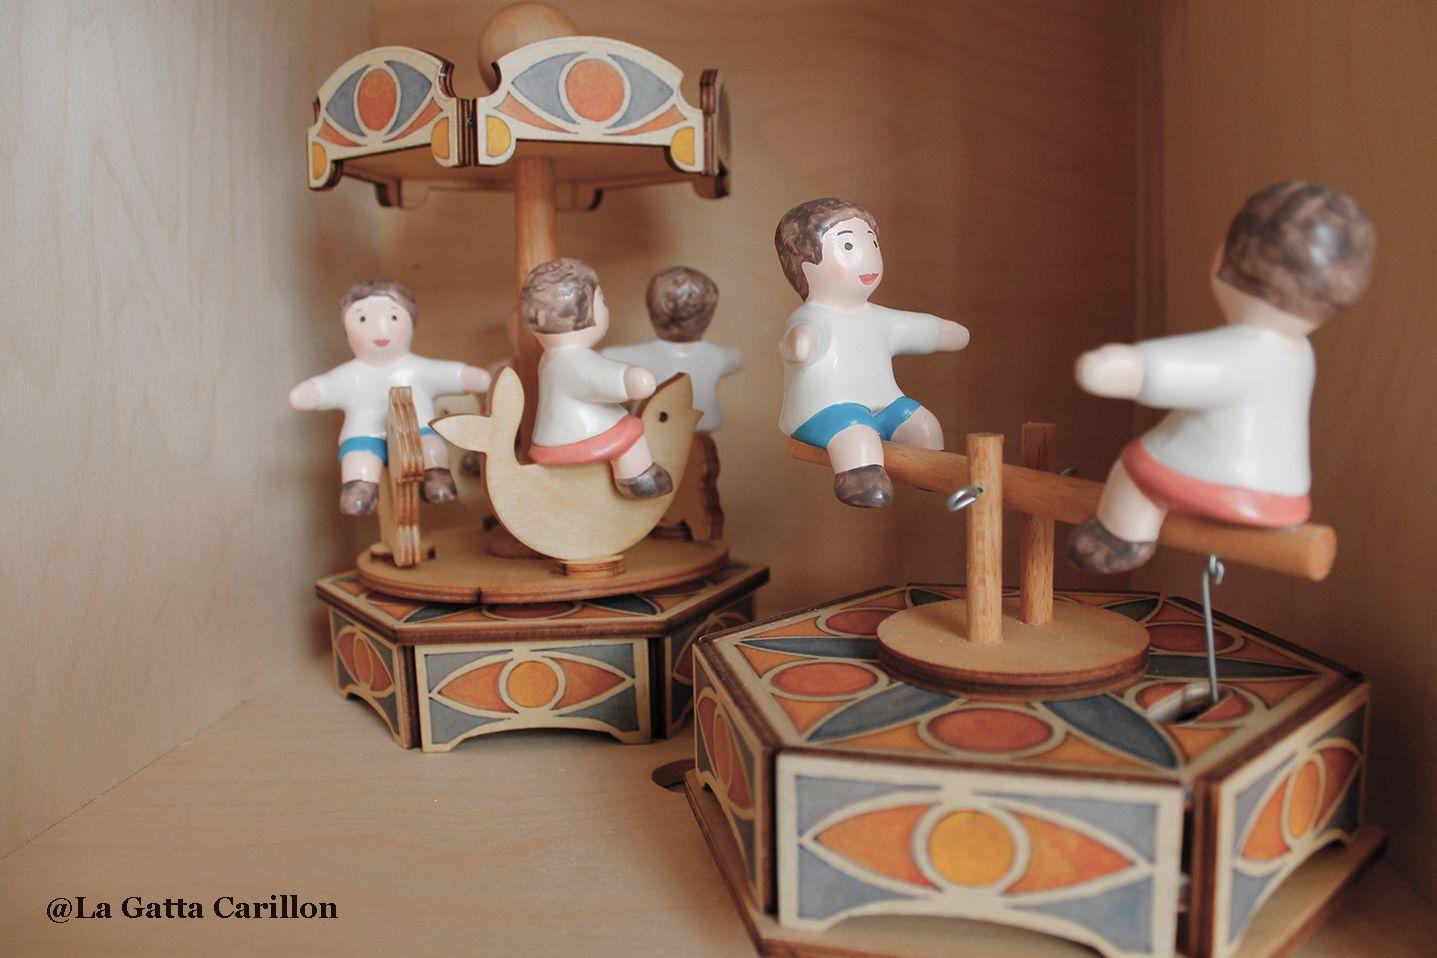 La Gatta Carillon.Carillon Giostra Bambini Children Babies Carousel Music